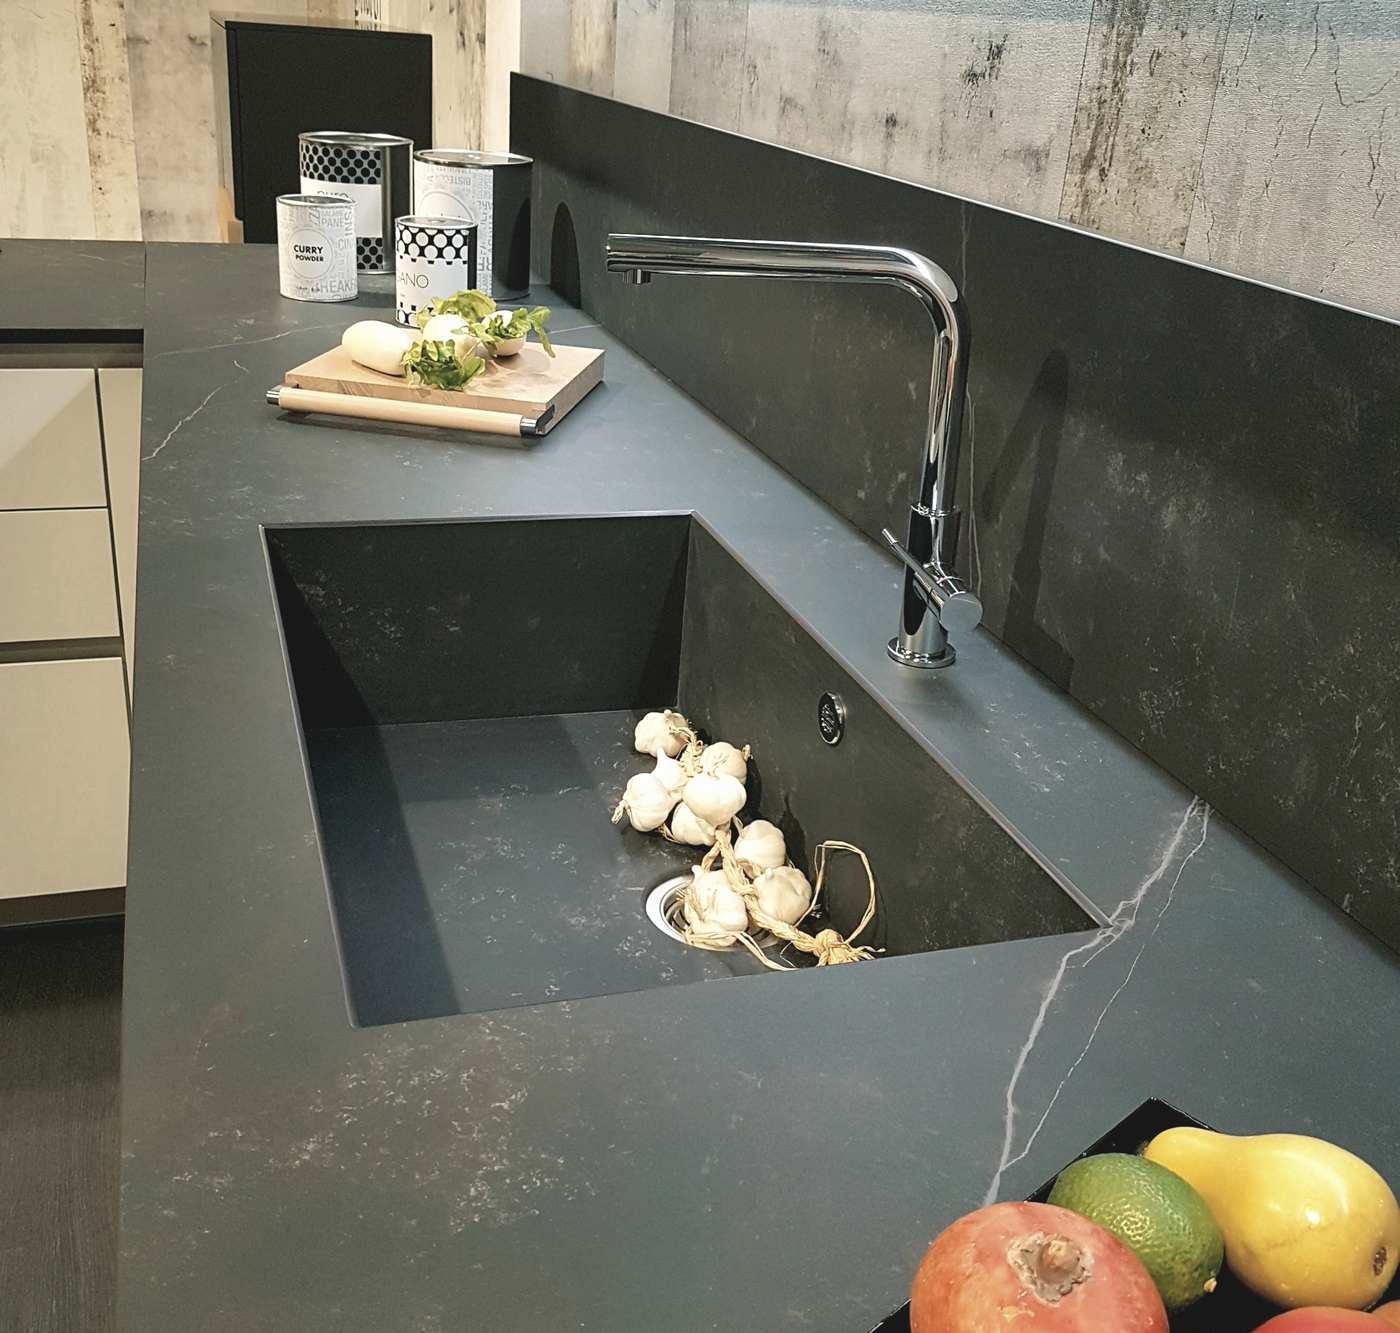 vasca lavello integrata nel piano Dekton nella cucina Way Snaidero - Bergamo